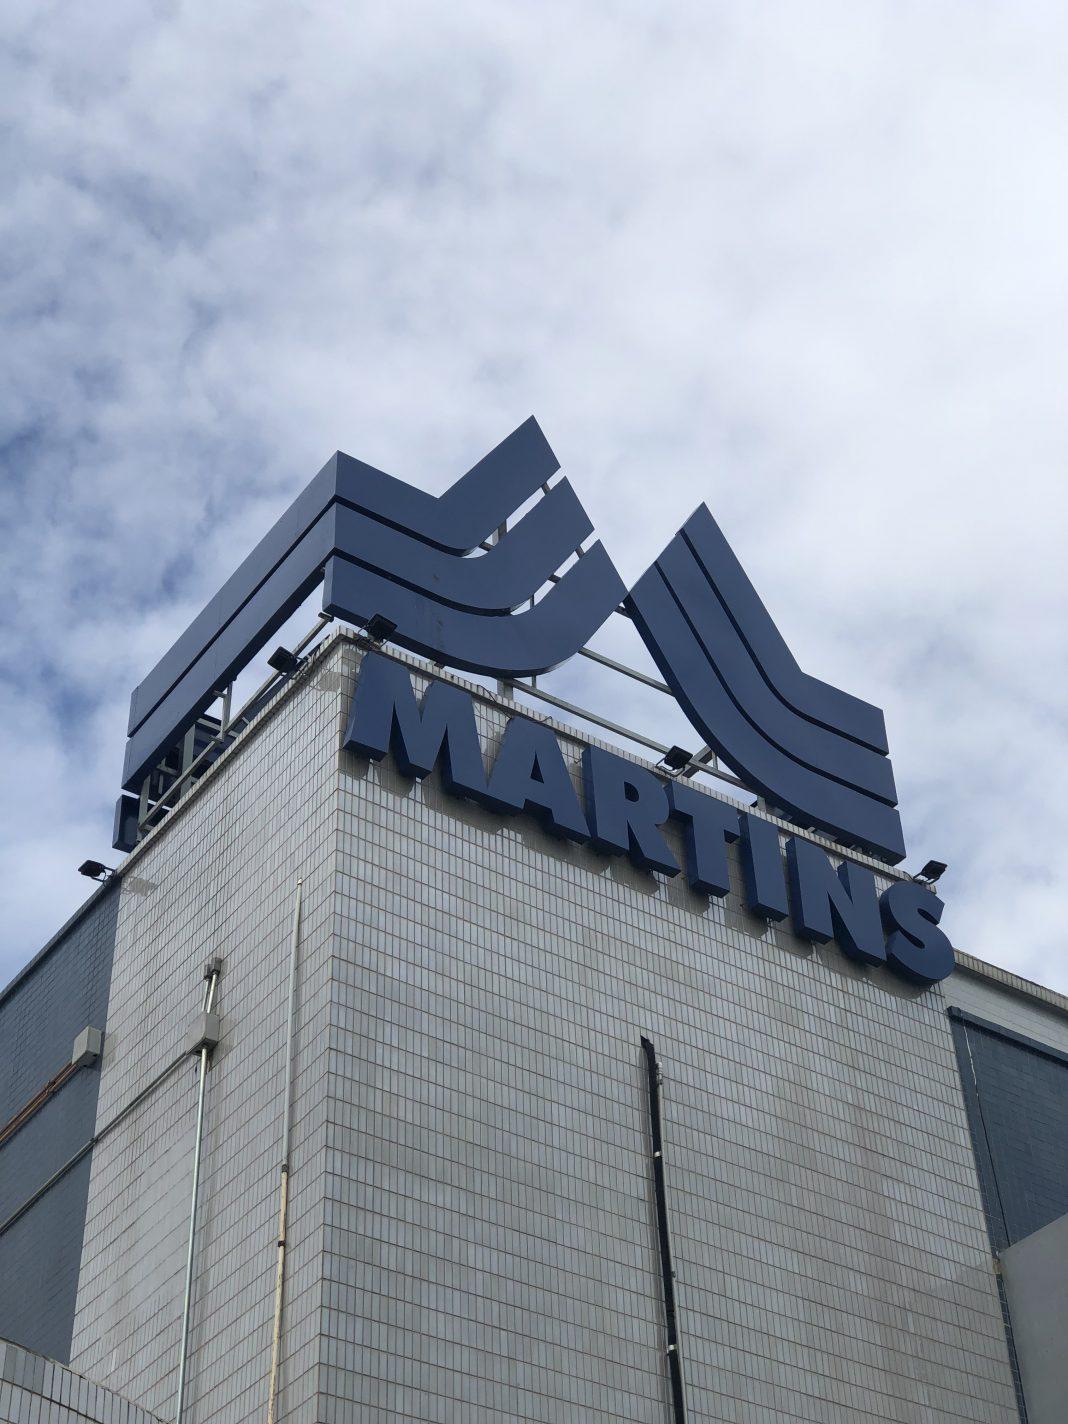 Torre da fachada do Martins Atacadista